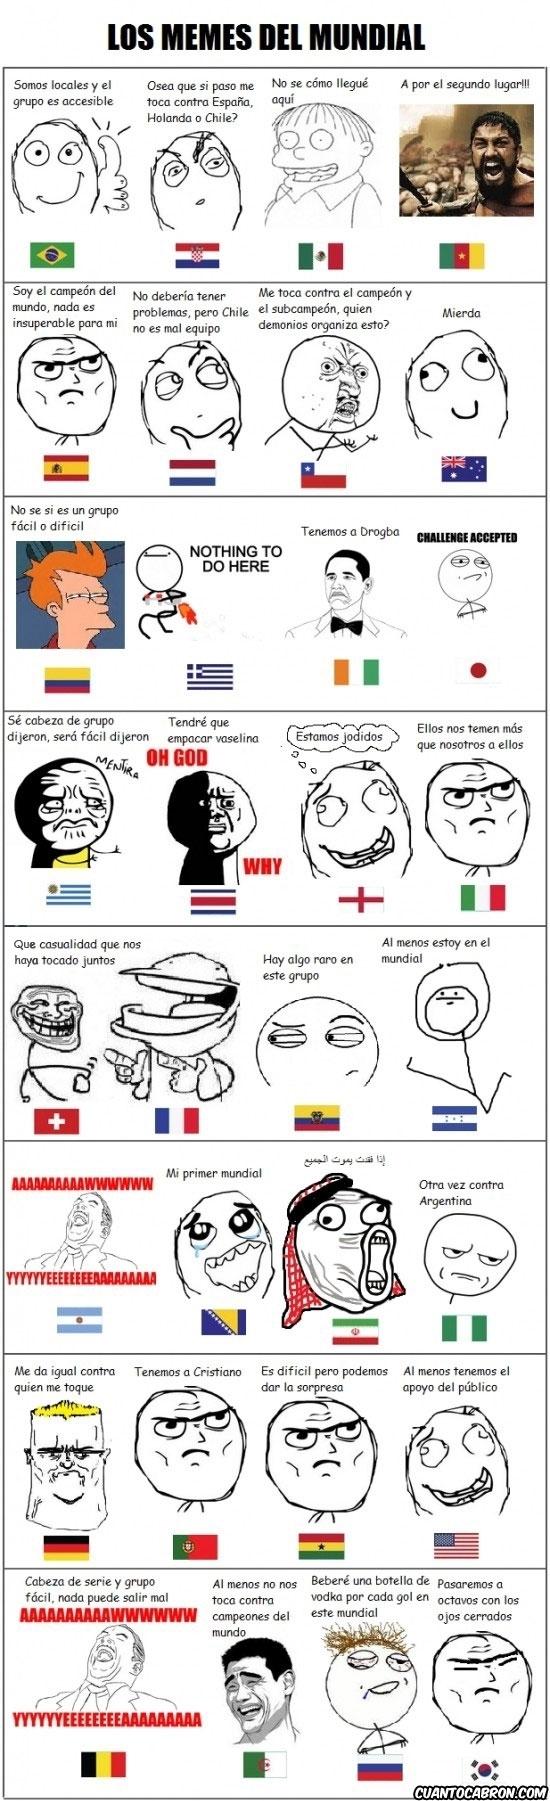 Mix - Memes para el mundial